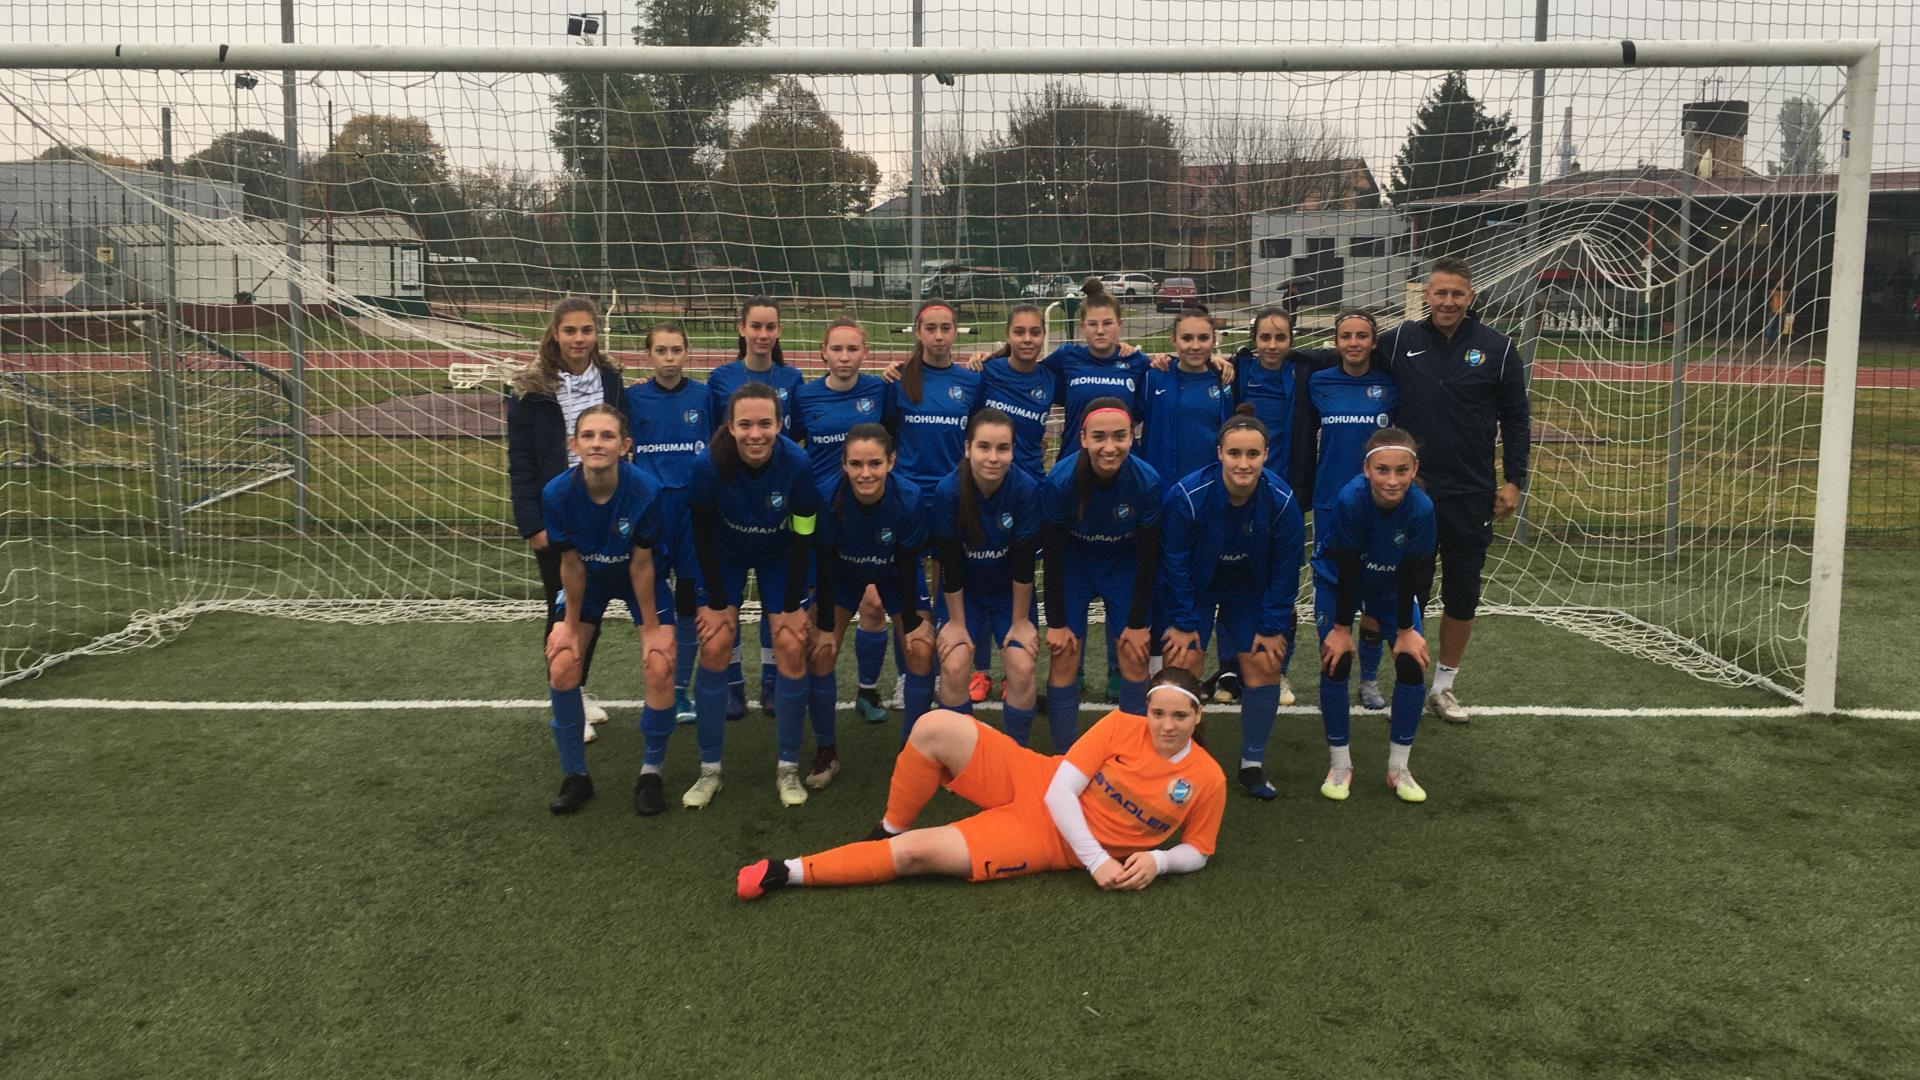 U19: Áprilisban kerül sor az elmaradt őszi bajnoki pótlására